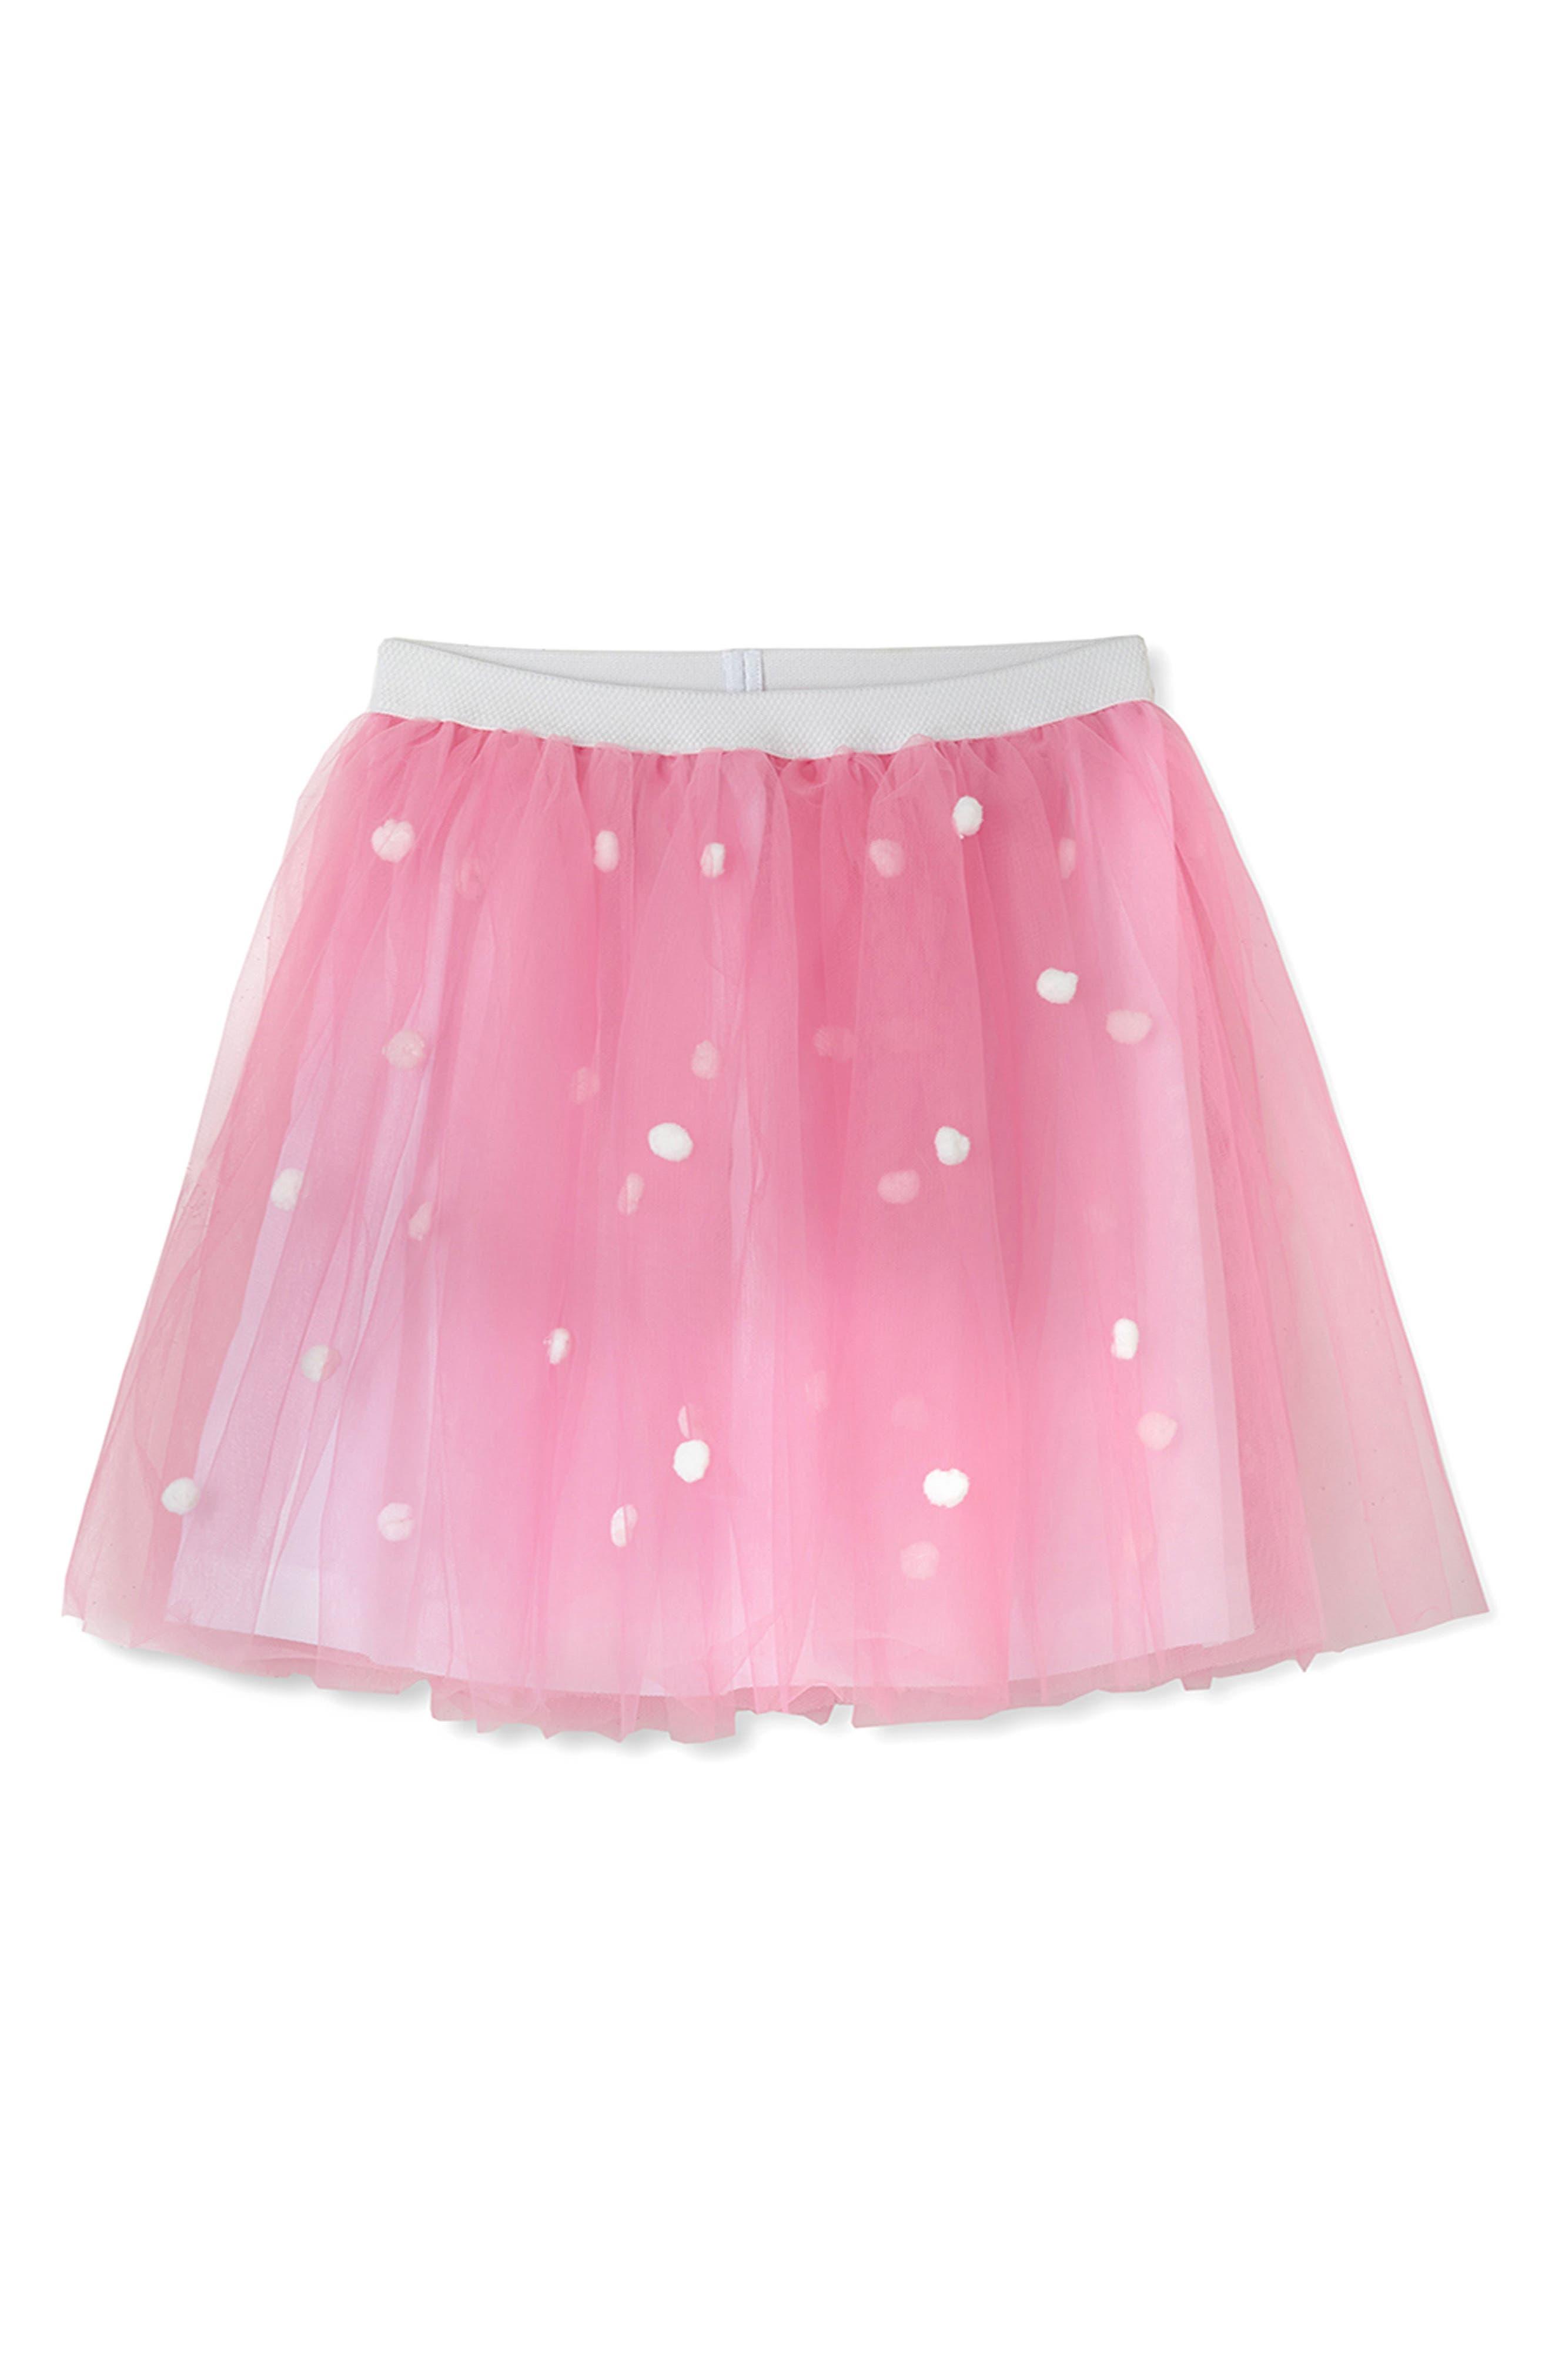 Stella Cove Tulle Skirt (Toddler Girls & Little Girls)